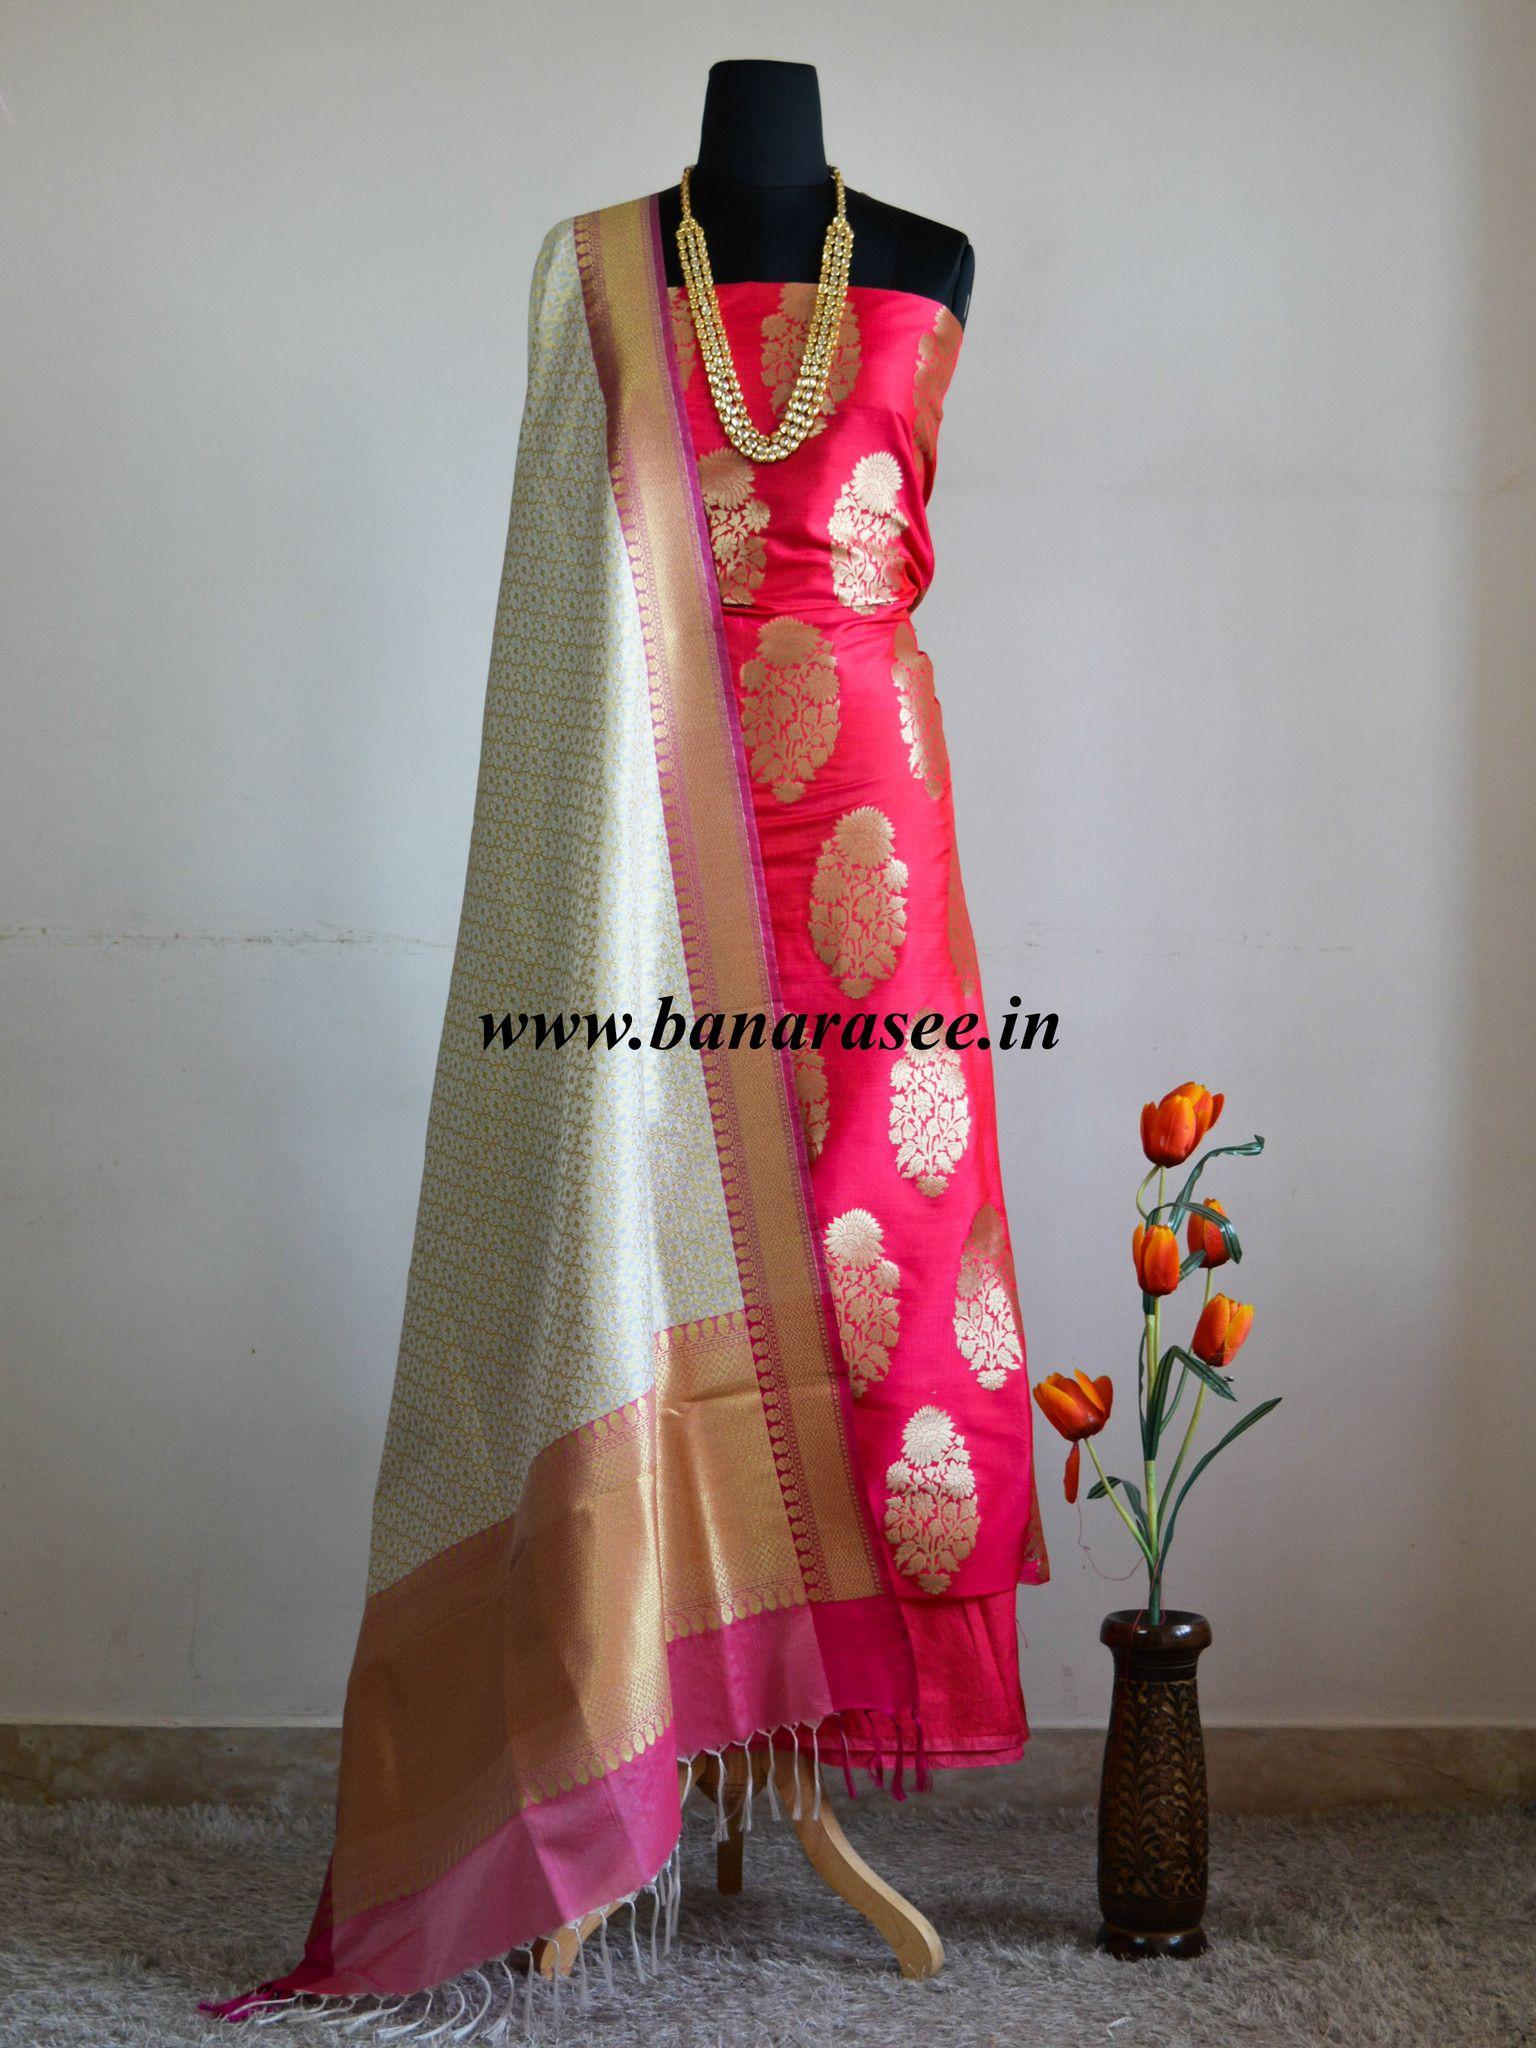 386f7162803111 Banarasee Banarasi Salwar Kameez Semi Katan Silk Zari Buta Work Fabric With Contrast  Dupatta-Fuchsia